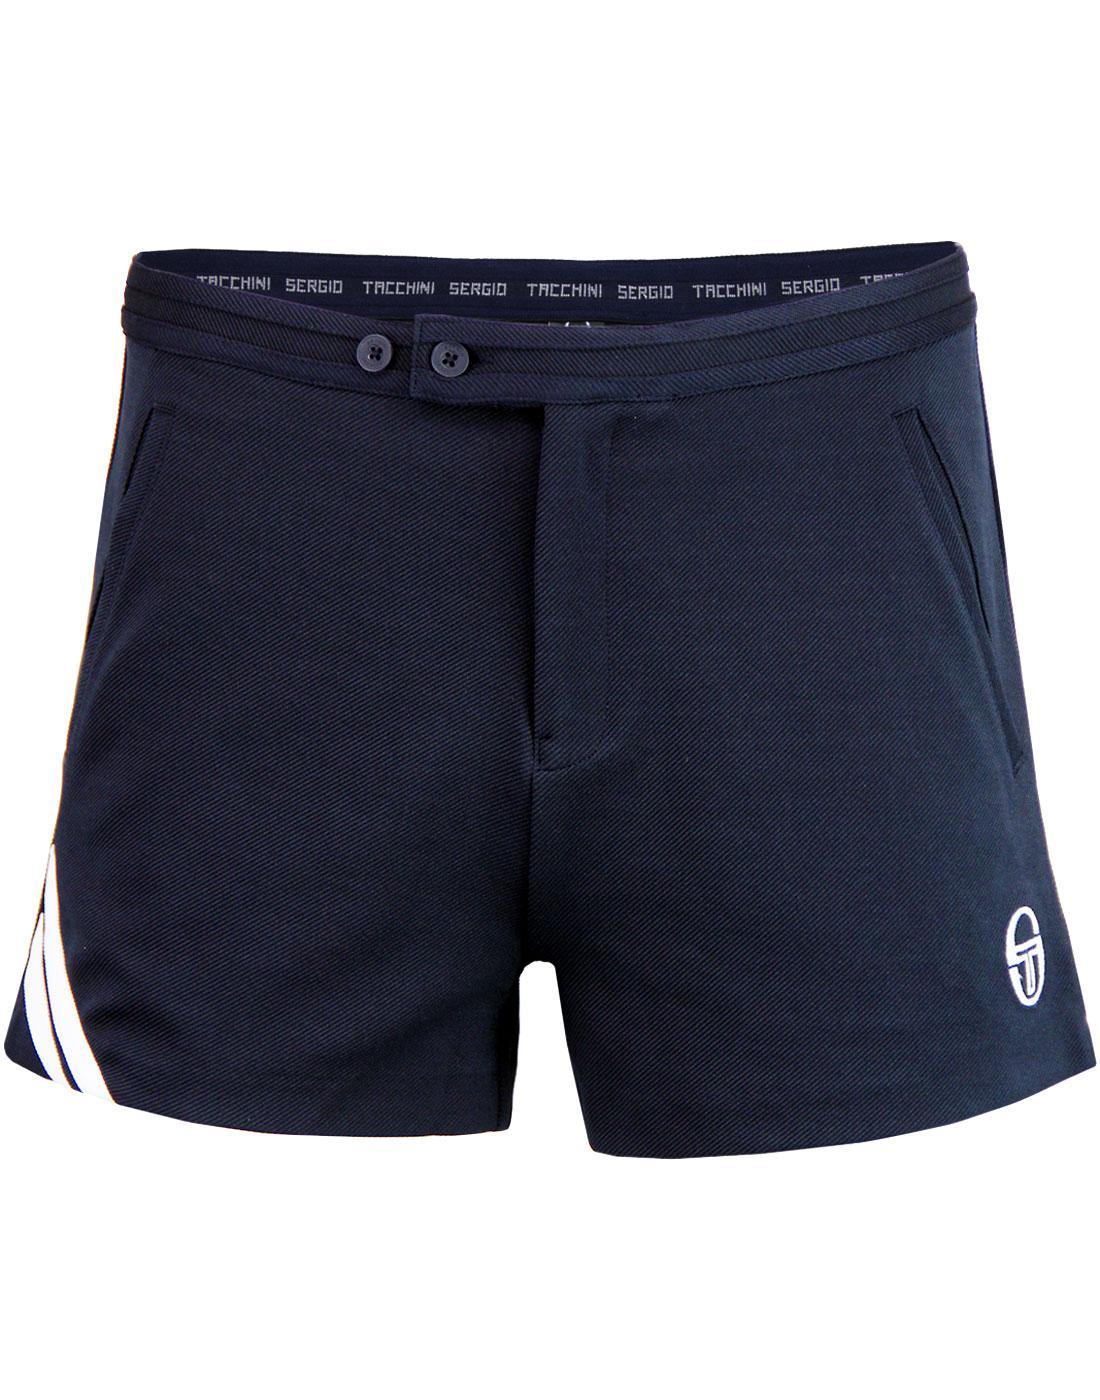 09edd62113f47 SERGIO TACCHINI 'Time' Retro 70's Tennis Shorts in Navy